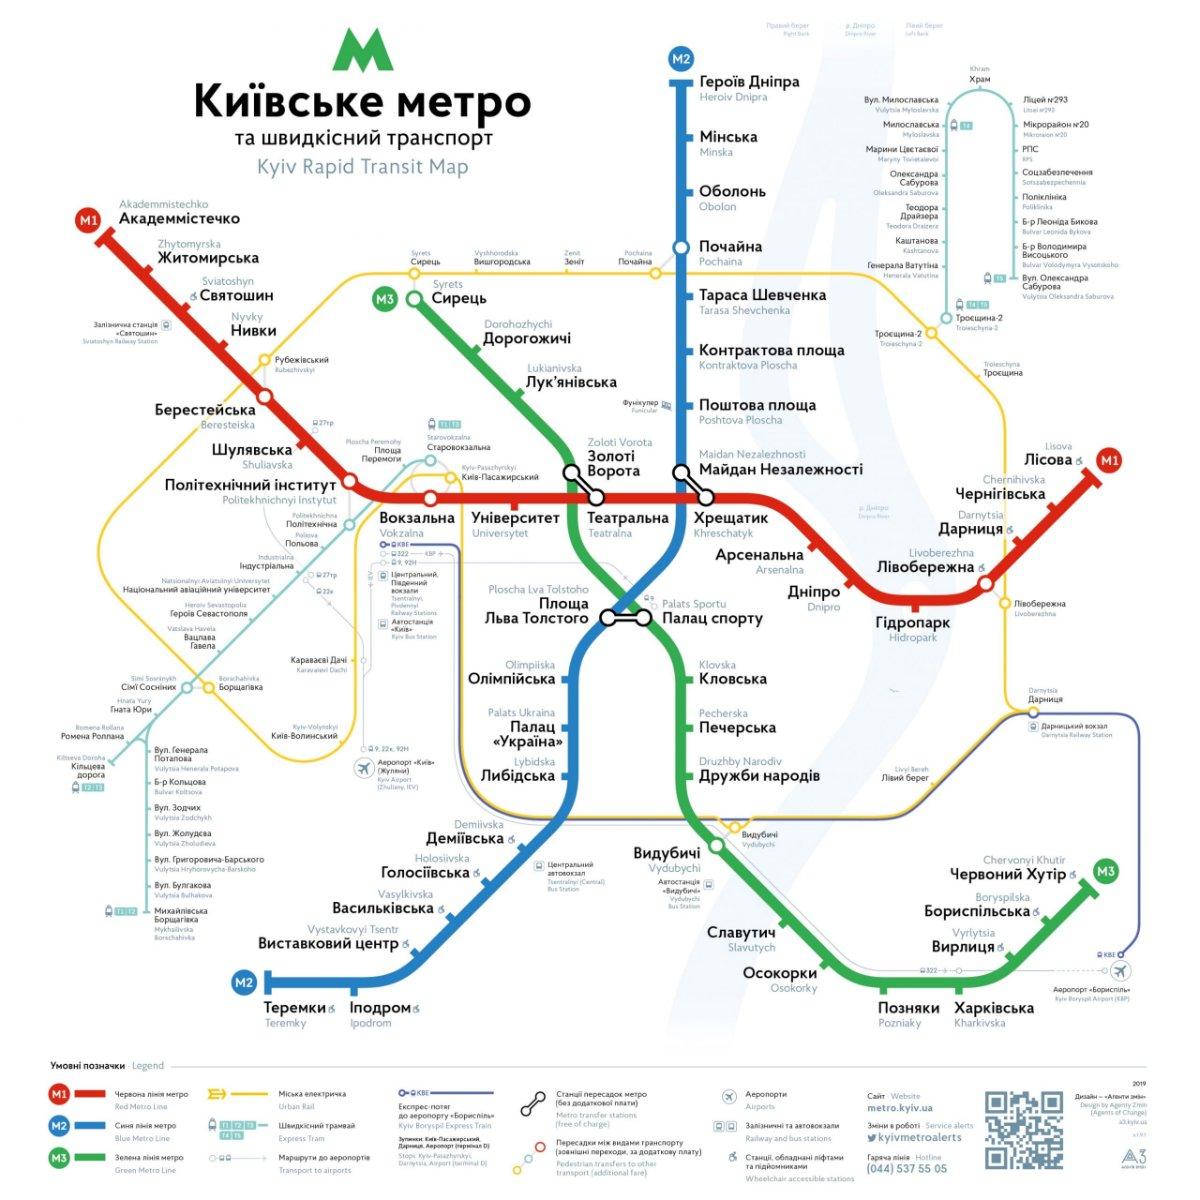 IDMedia Наружная реклама в городе Киев (Киевская область), Метро Digital в городе Киев №238980 схема